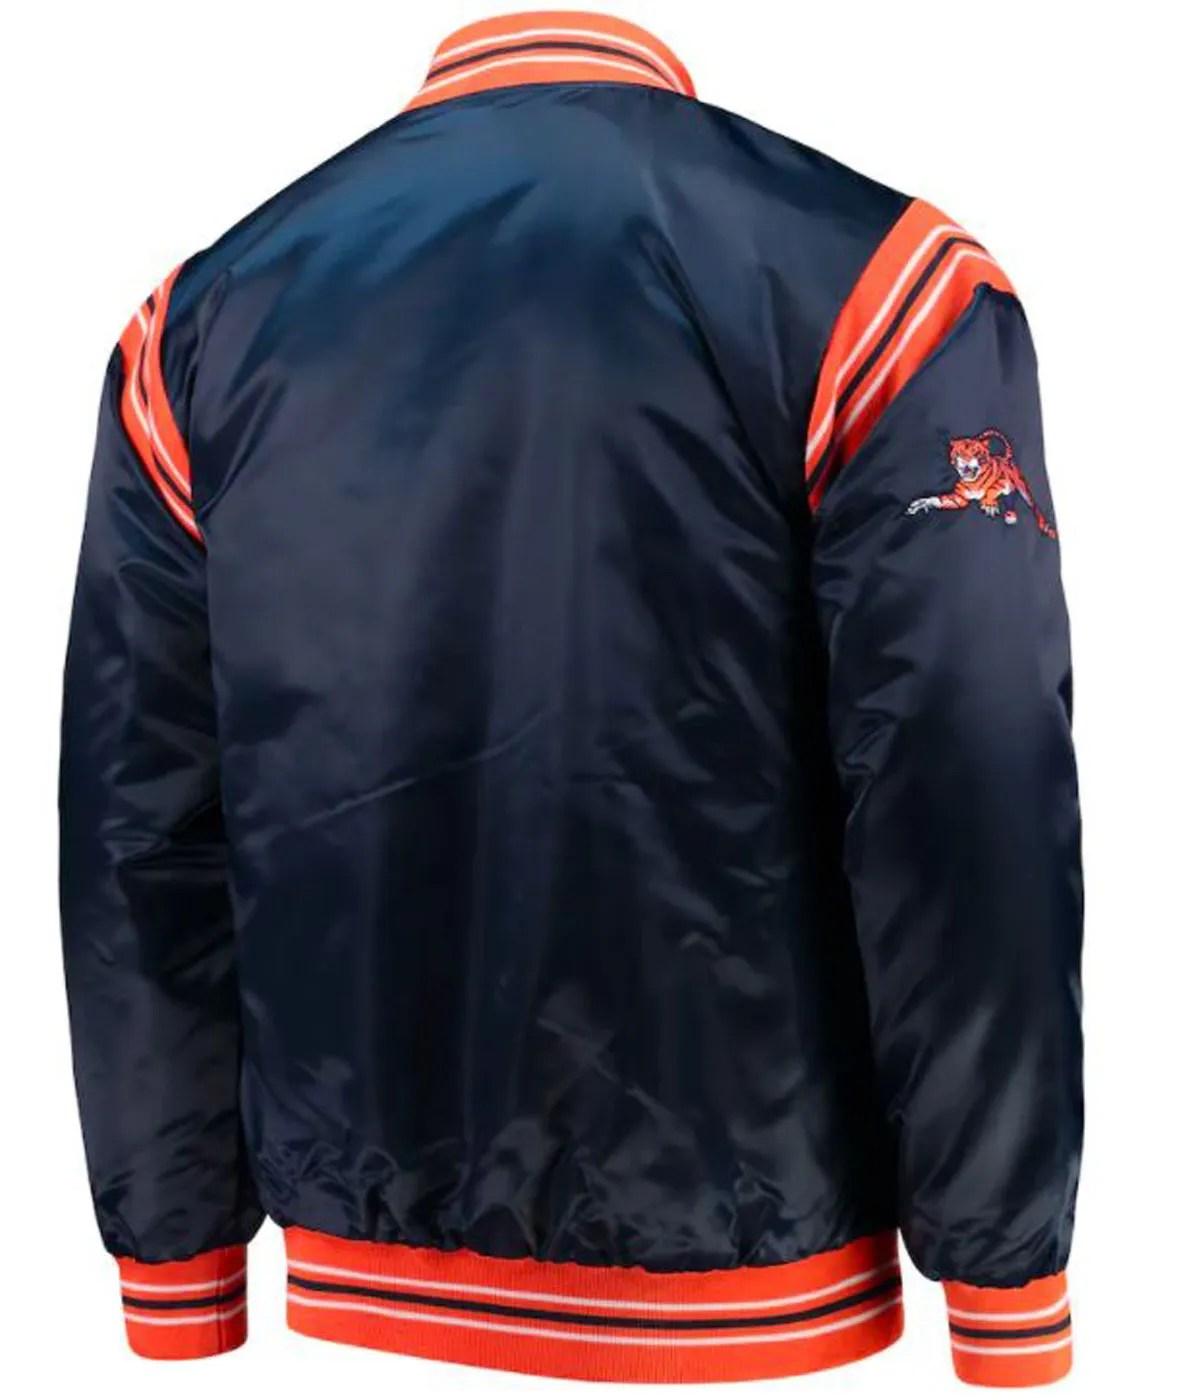 auburn-tigers-the-enforcer-satin-jacket